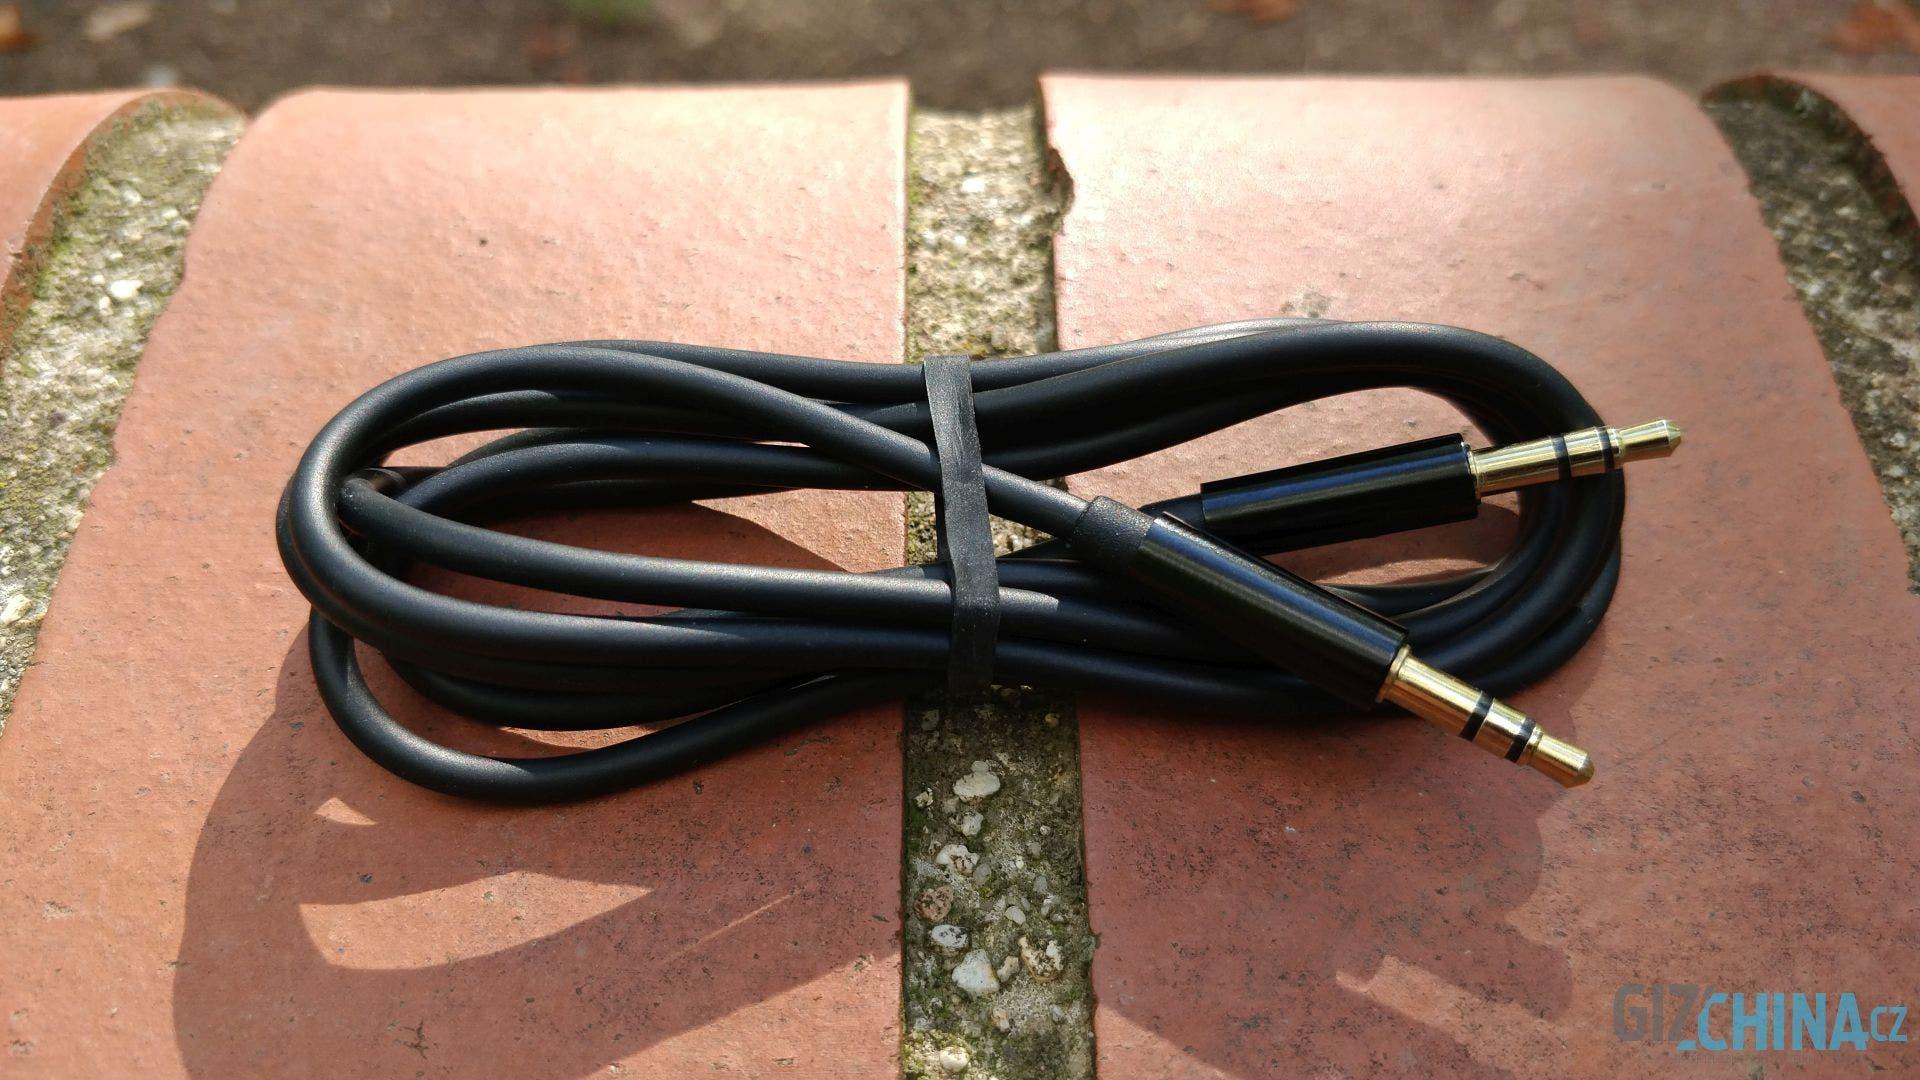 Pevný a tuhý. To nejsou ideální vlastnosti kabelu u sluchátek.